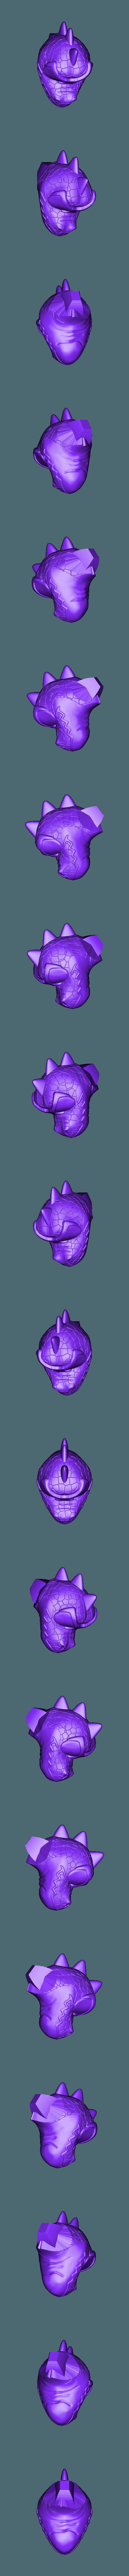 Renekton Chibi 20cm - Head.stl Télécharger fichier STL gratuit Renekton Chibi - League Of Legends • Objet pour impression 3D, BODY3D